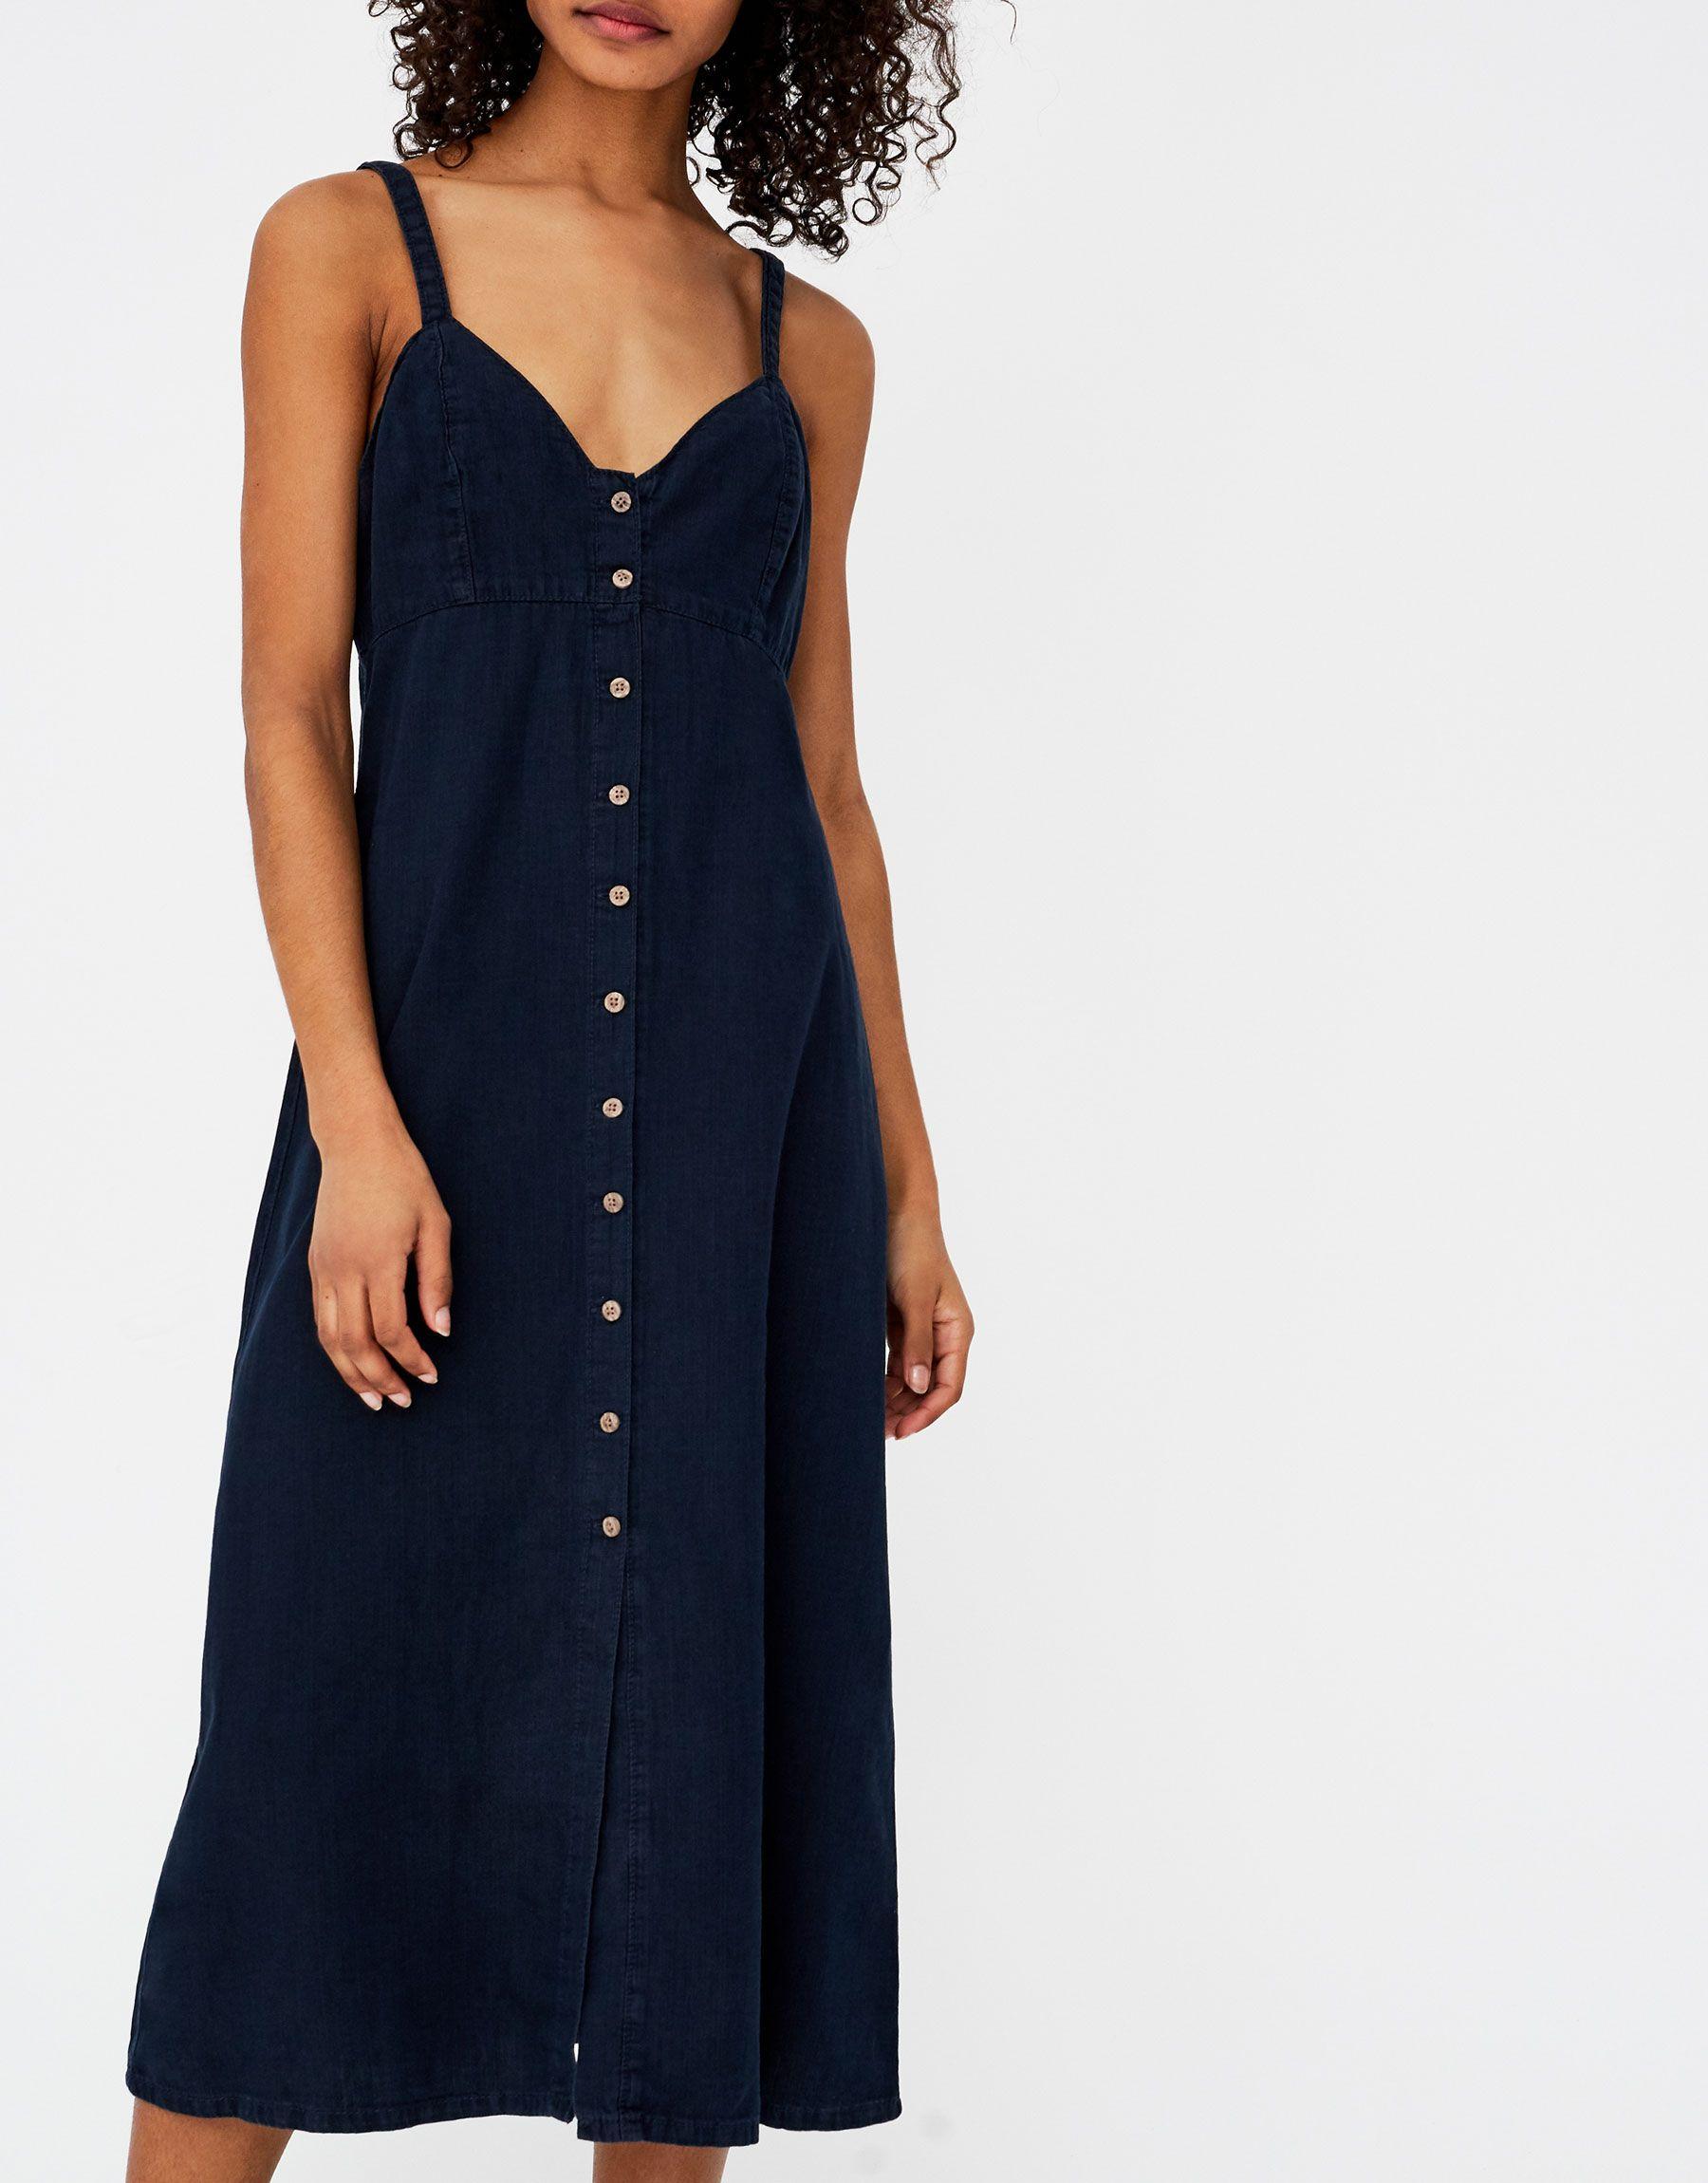 Vestidos Largos Pull And Bear 2021